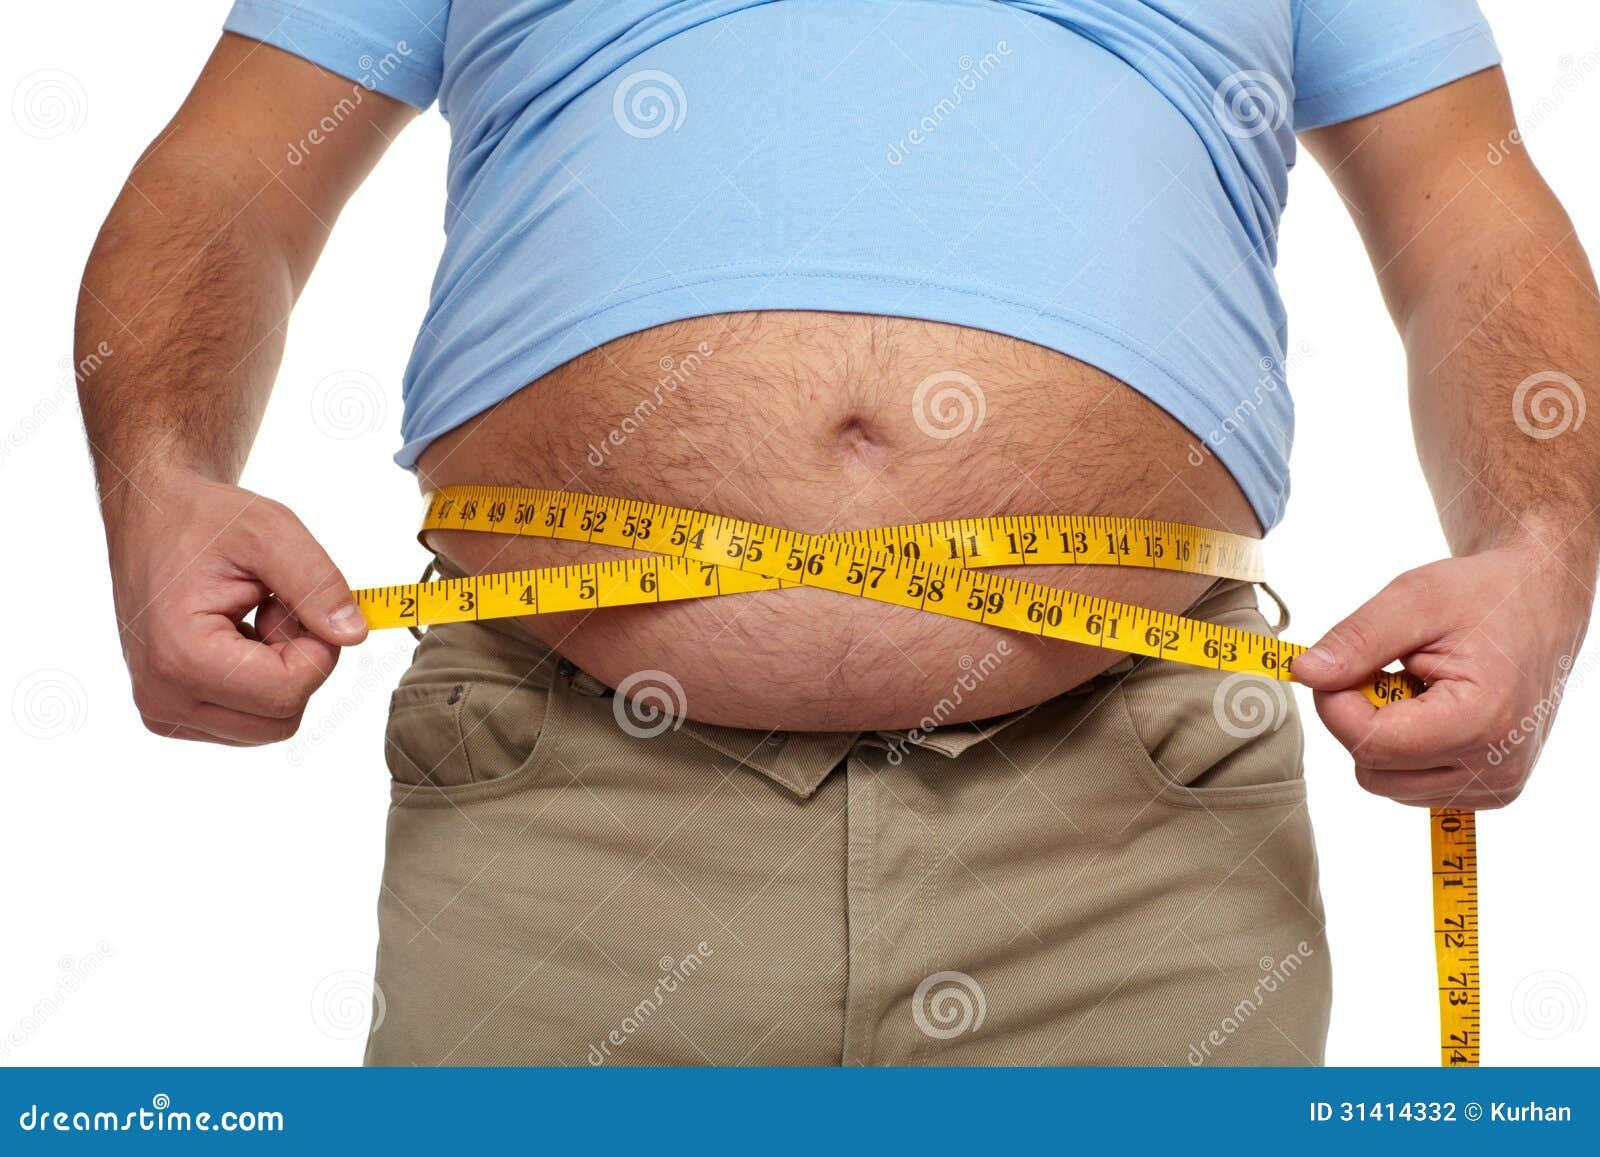 Dicker Mann mit einem dicken Bauch.